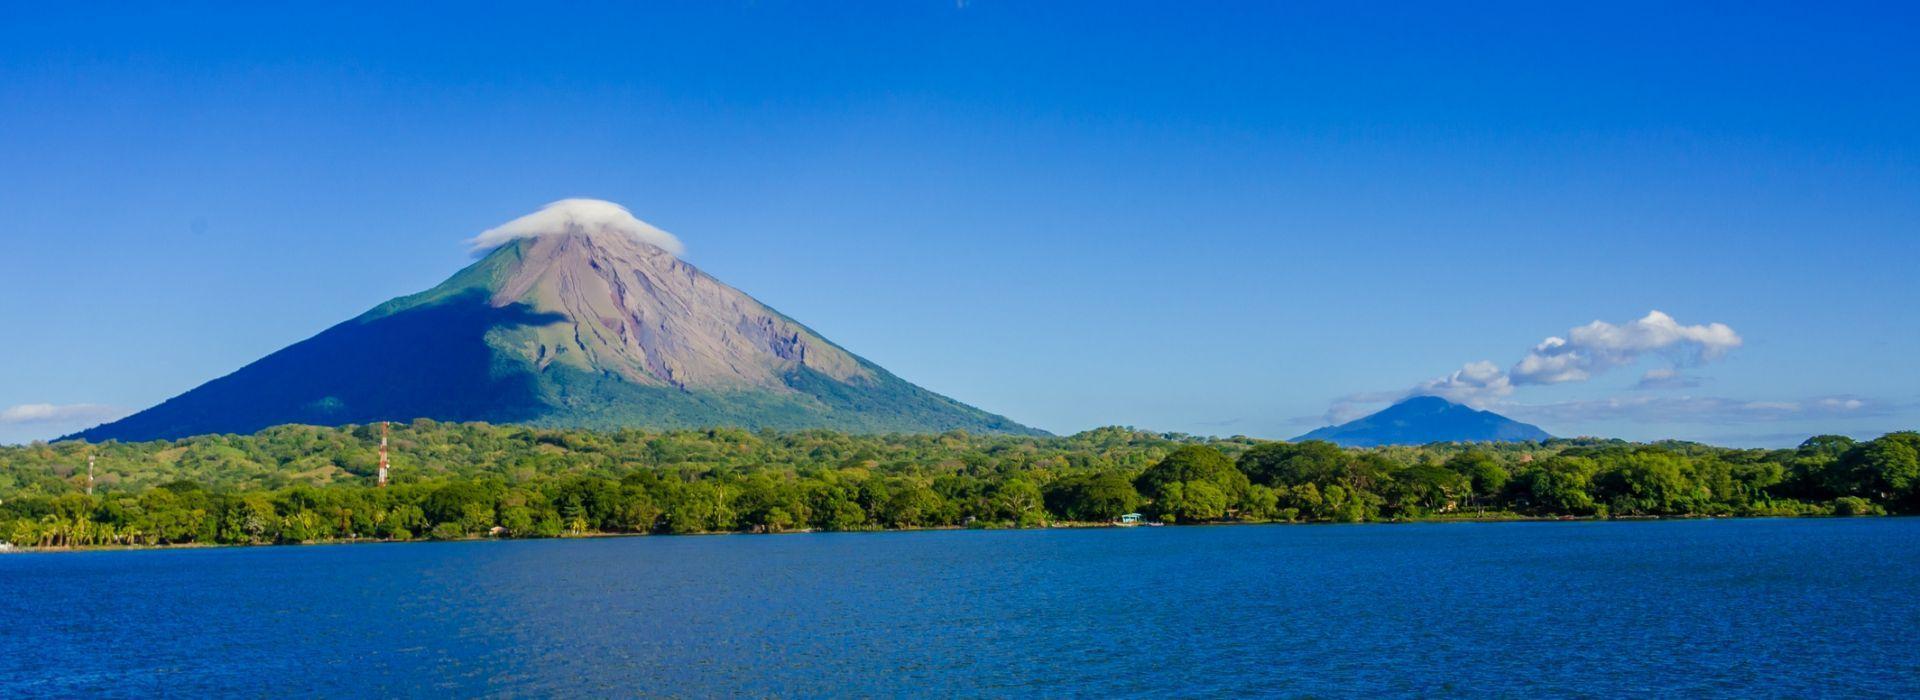 Nicaragua Tours and trips to Nicaragua